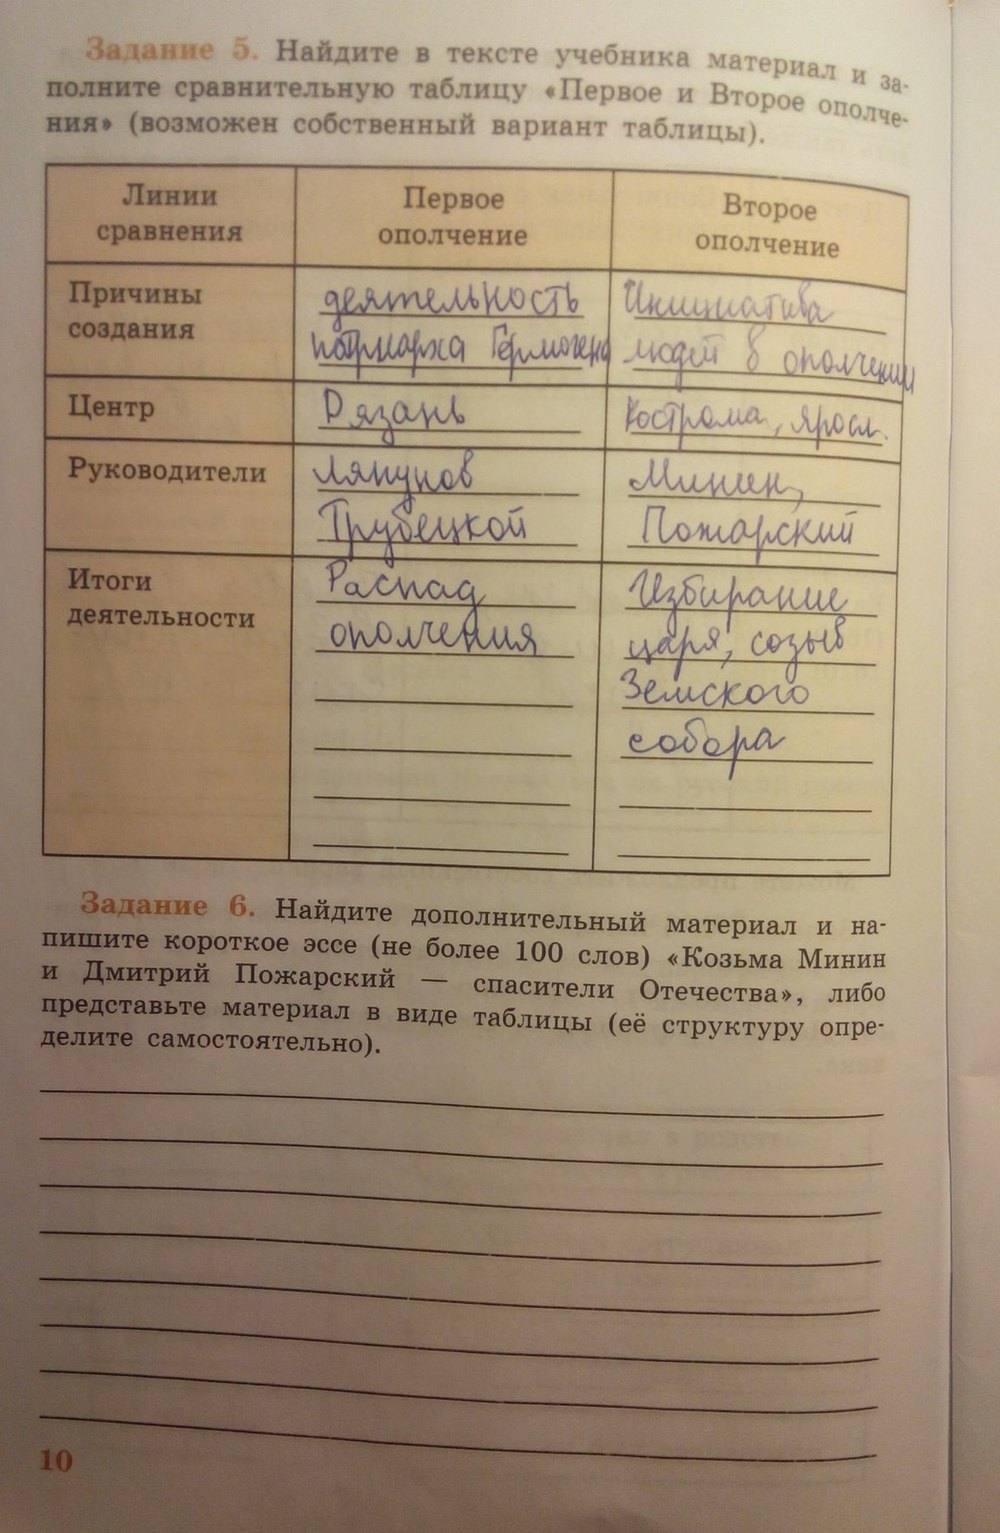 гдз по истории россии таблица